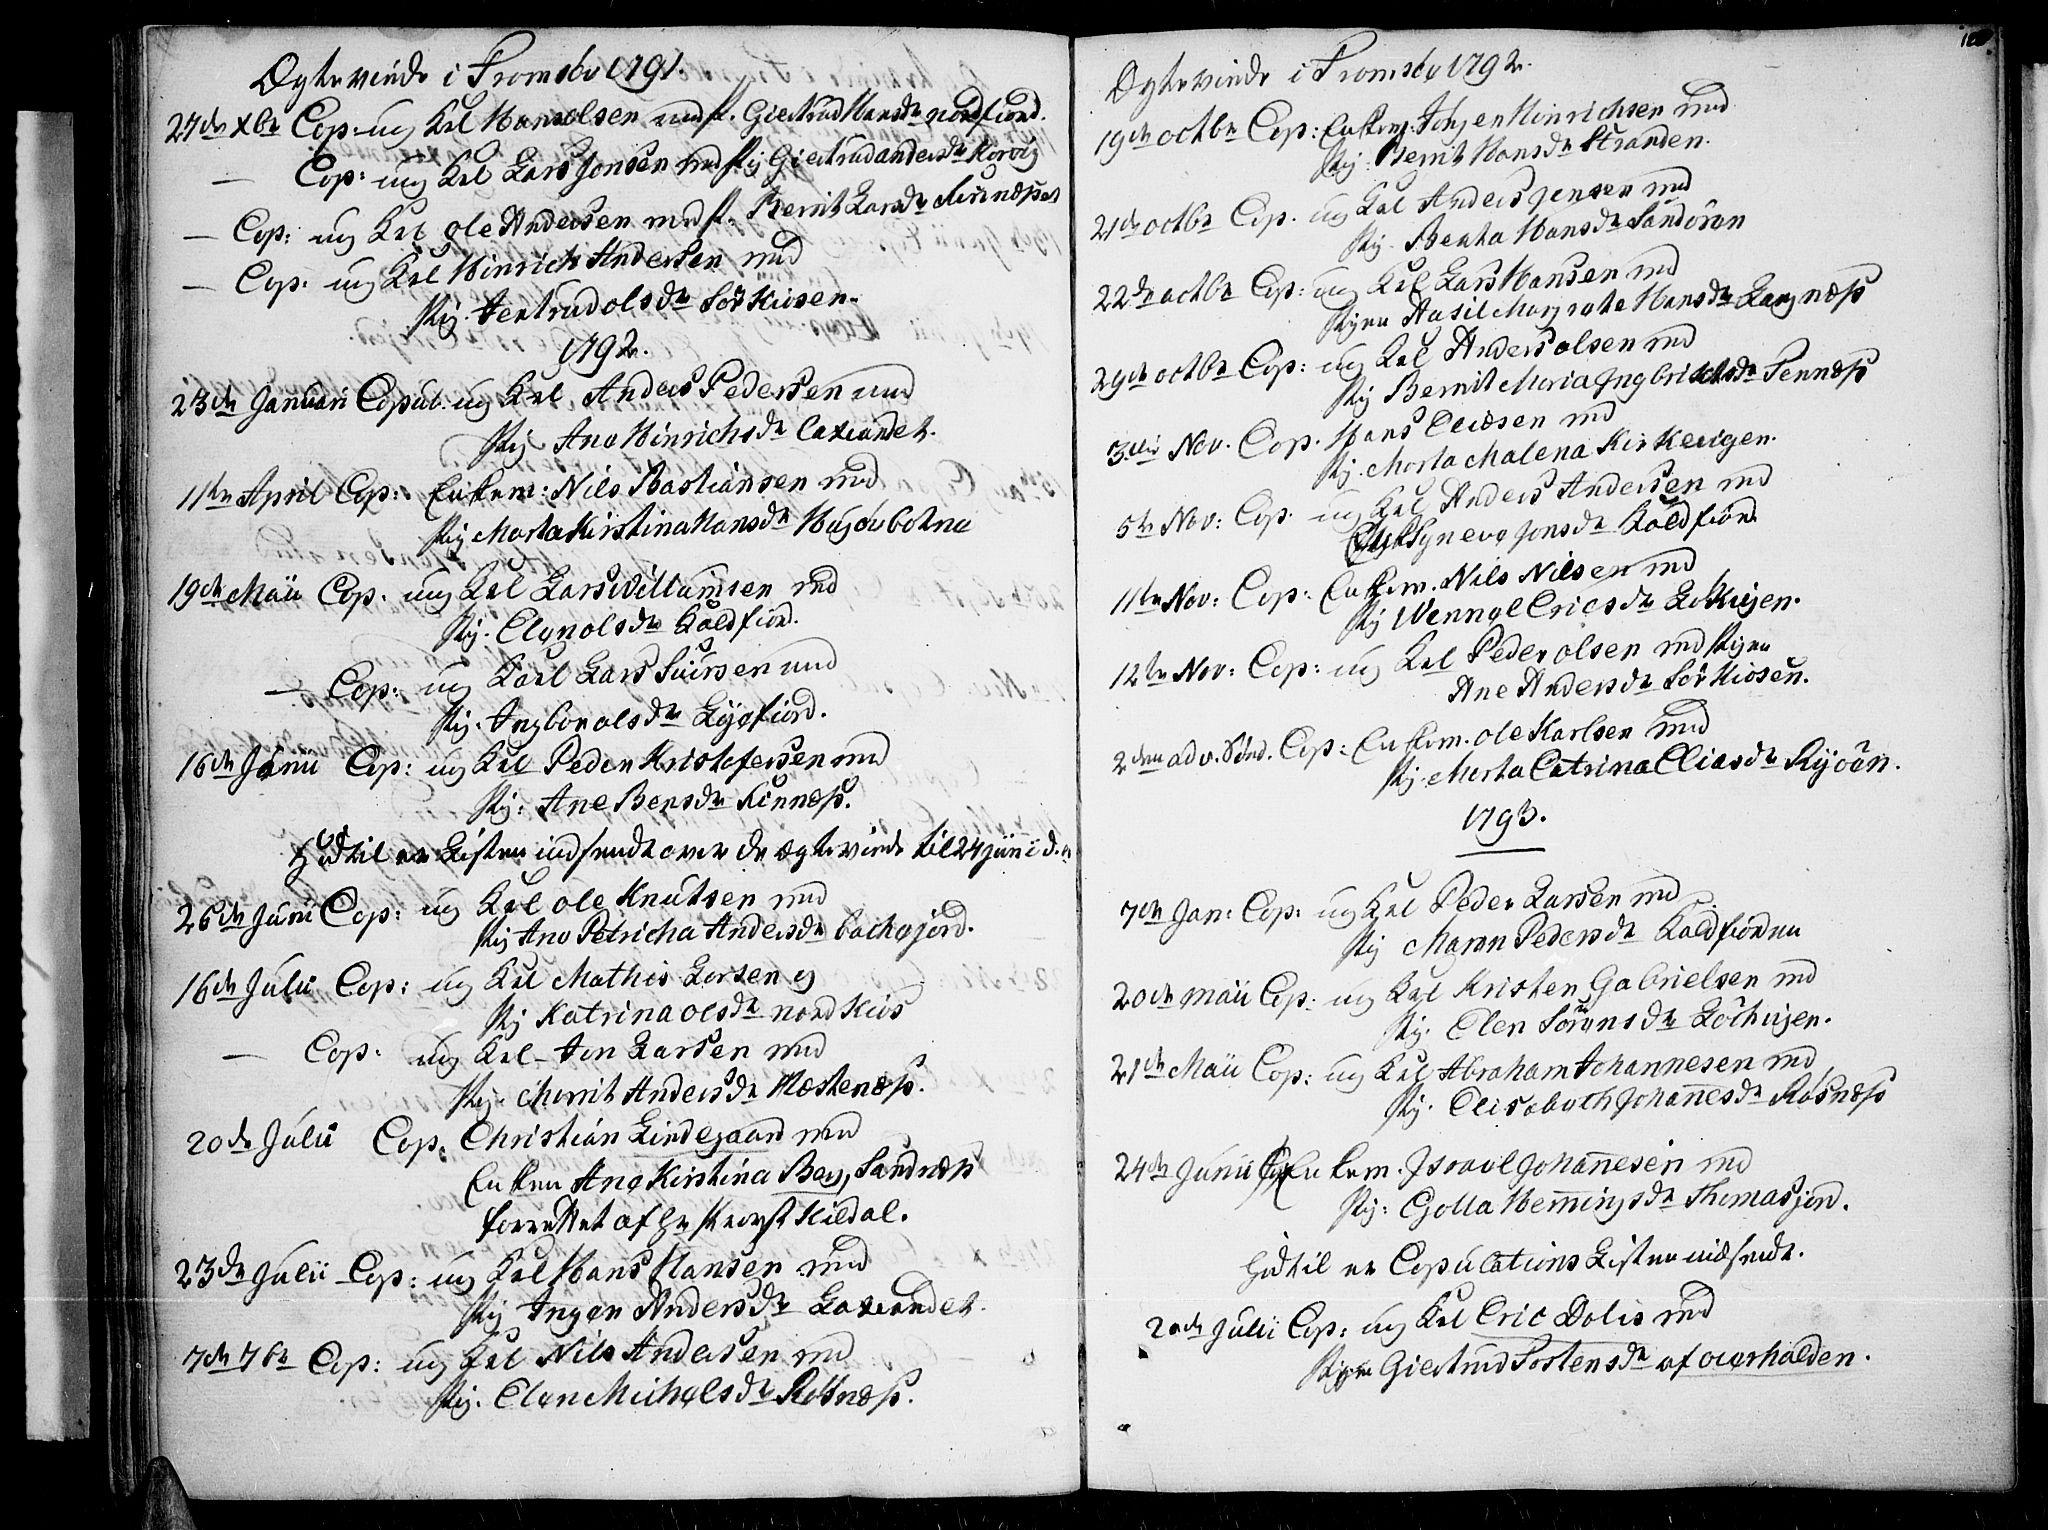 SATØ, Tromsø sokneprestkontor/stiftsprosti/domprosti, G/Ga/L0003kirke: Ministerialbok nr. 3, 1779-1796, s. 120